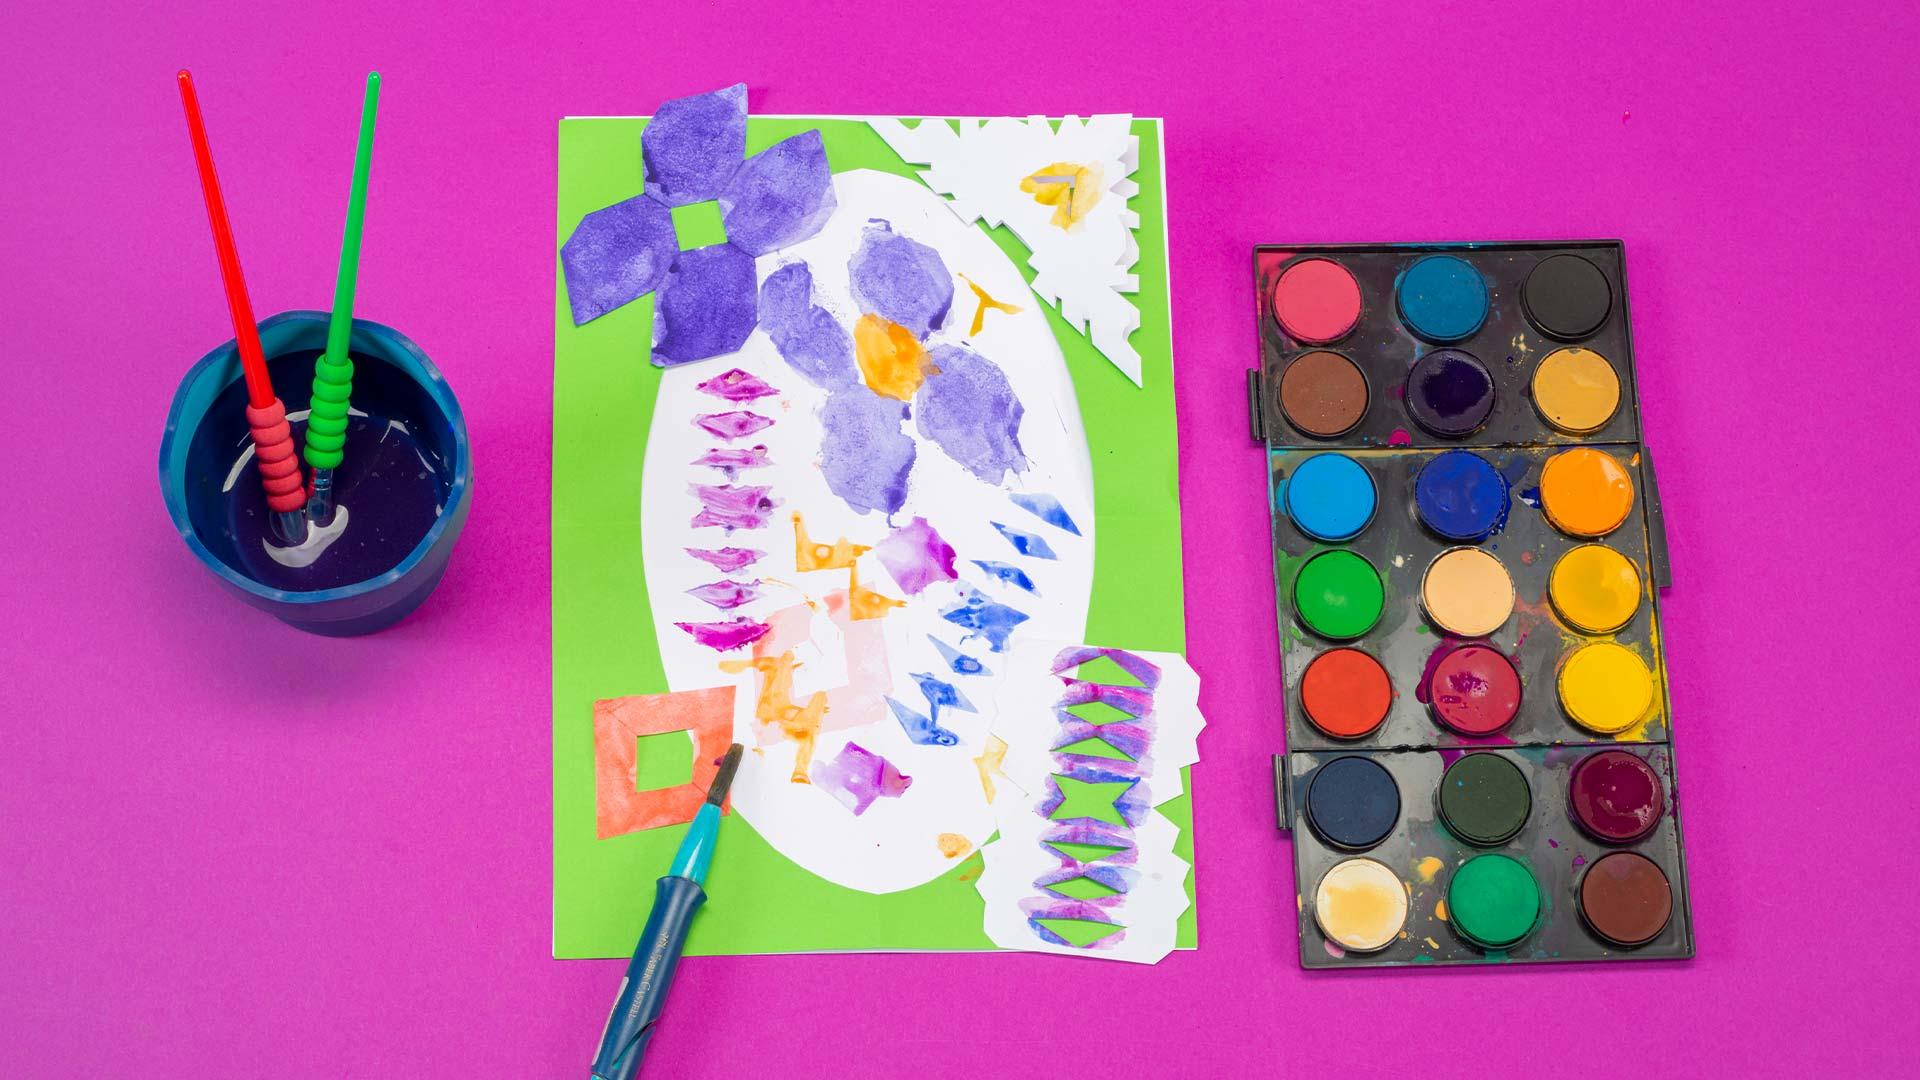 Rengarenk Motifli Baskılar